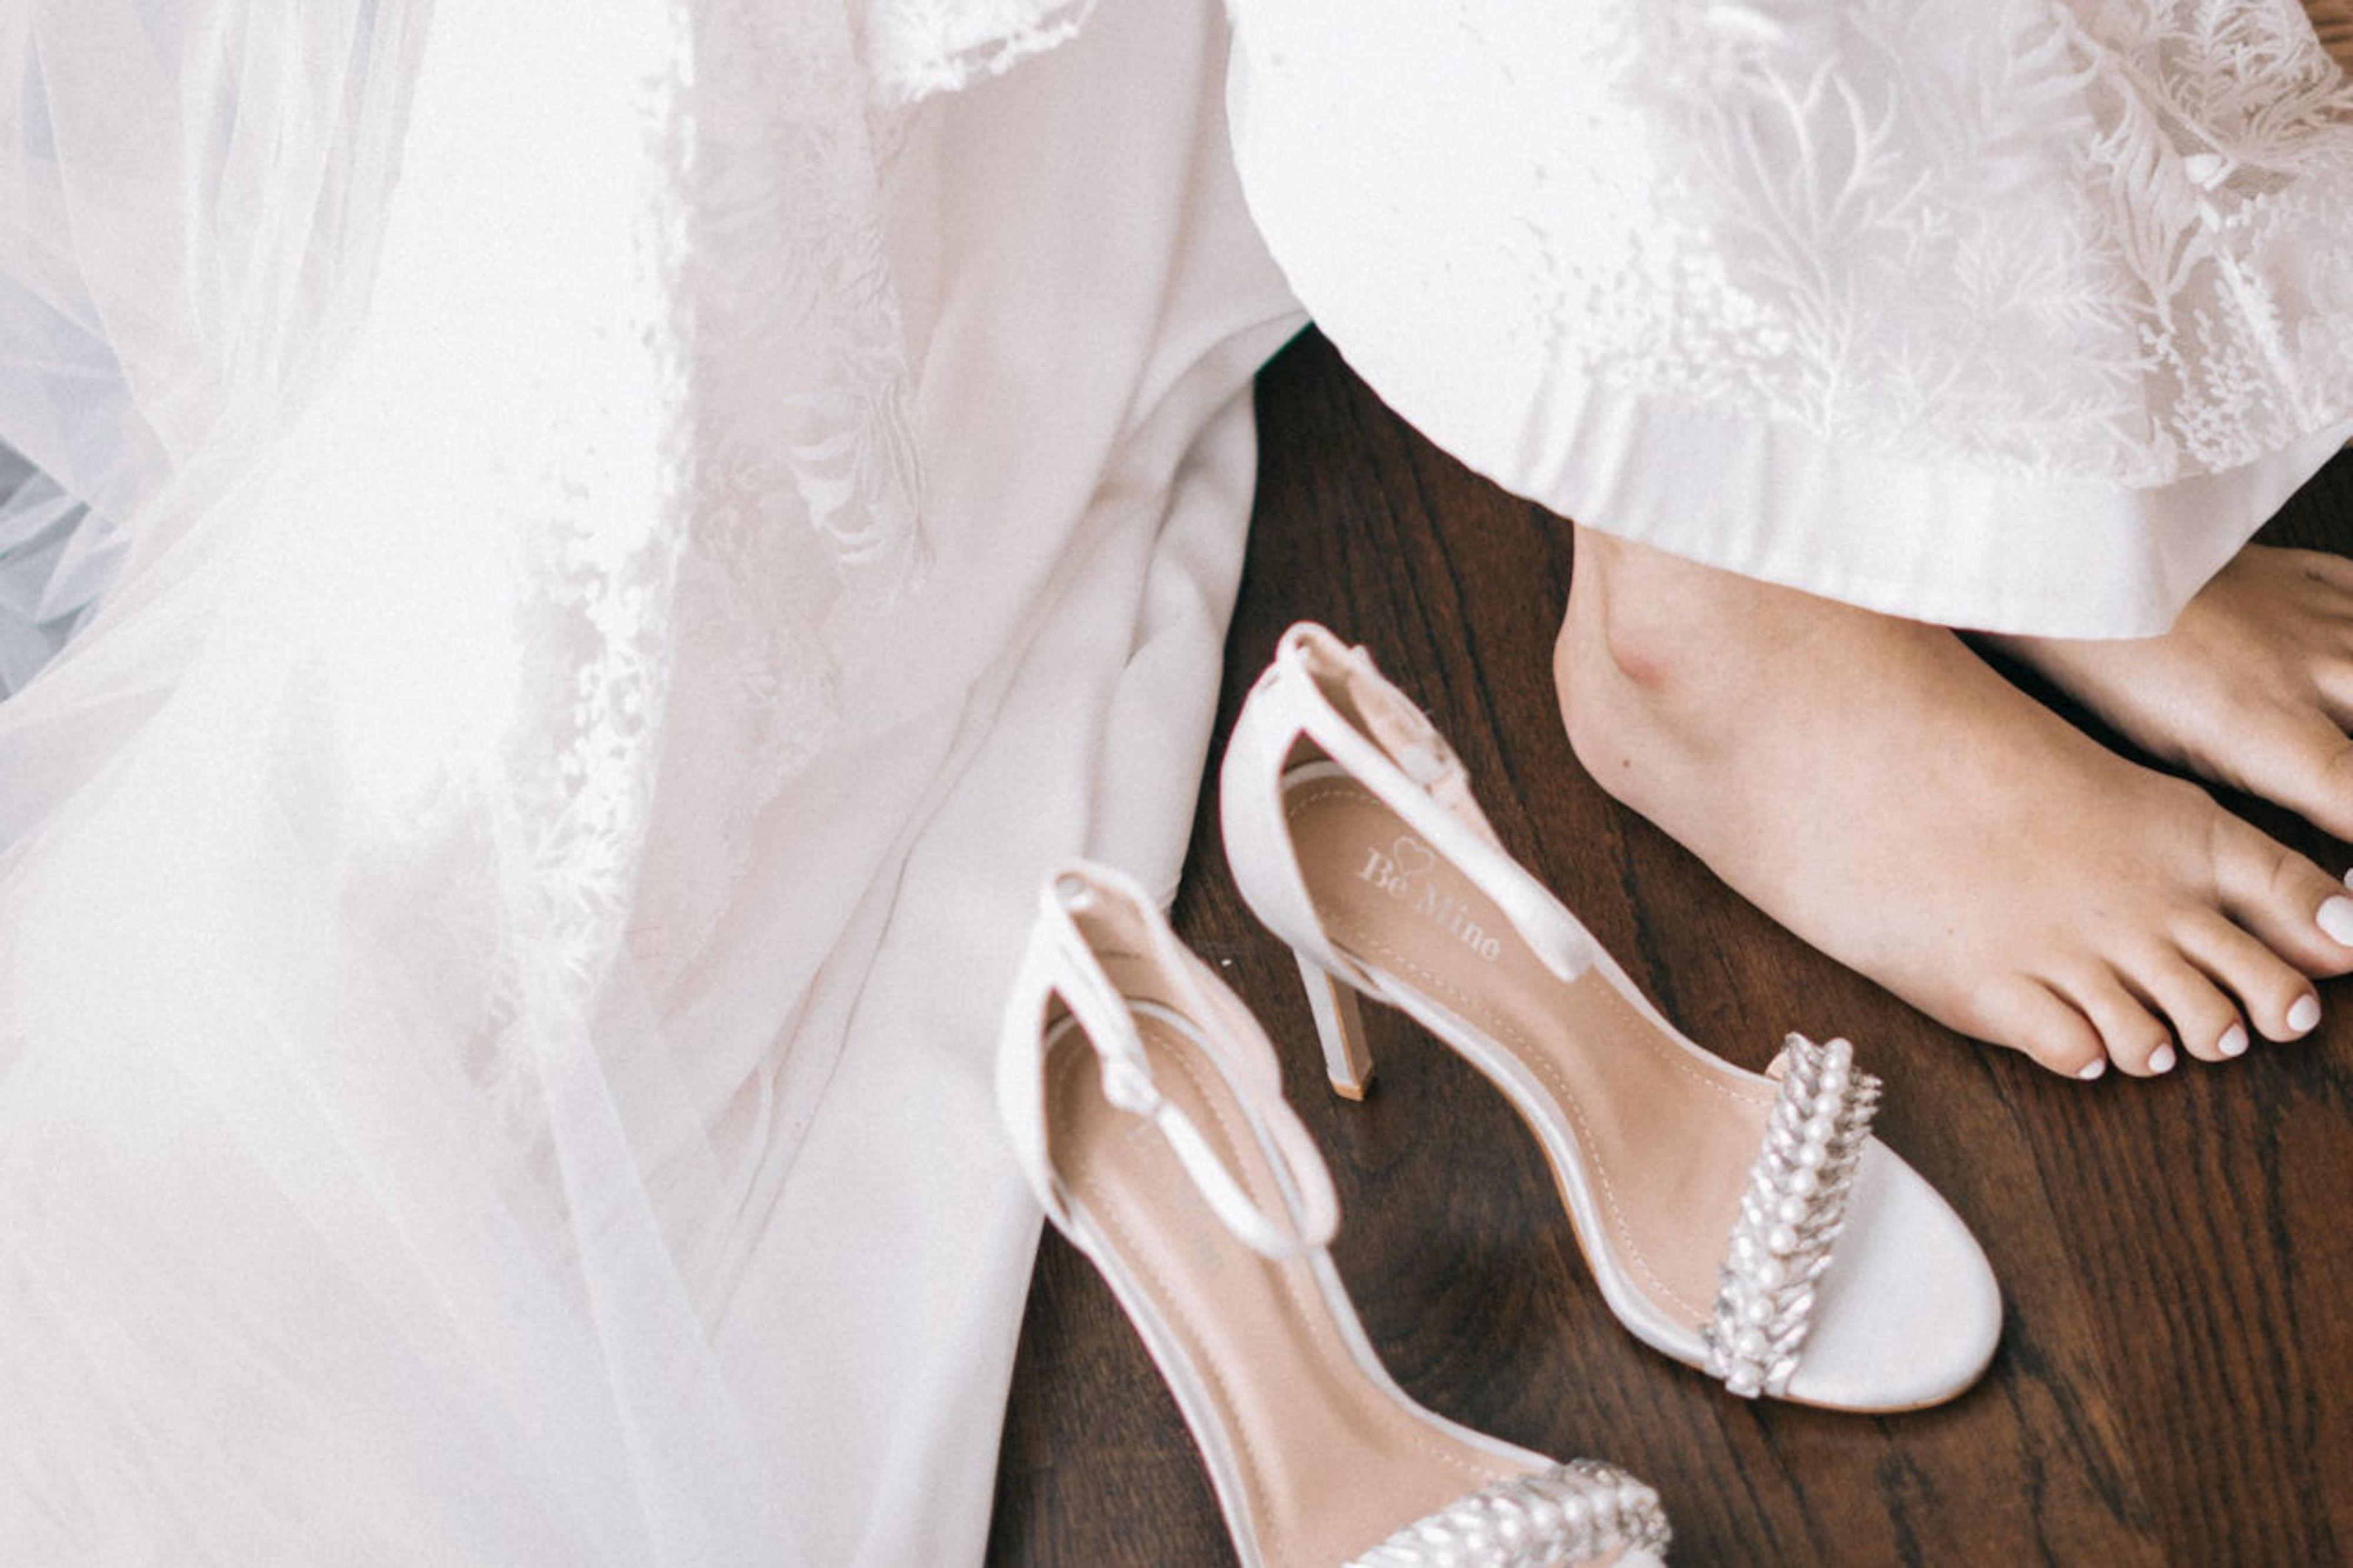 Huwelijksnacht in bruidssuite